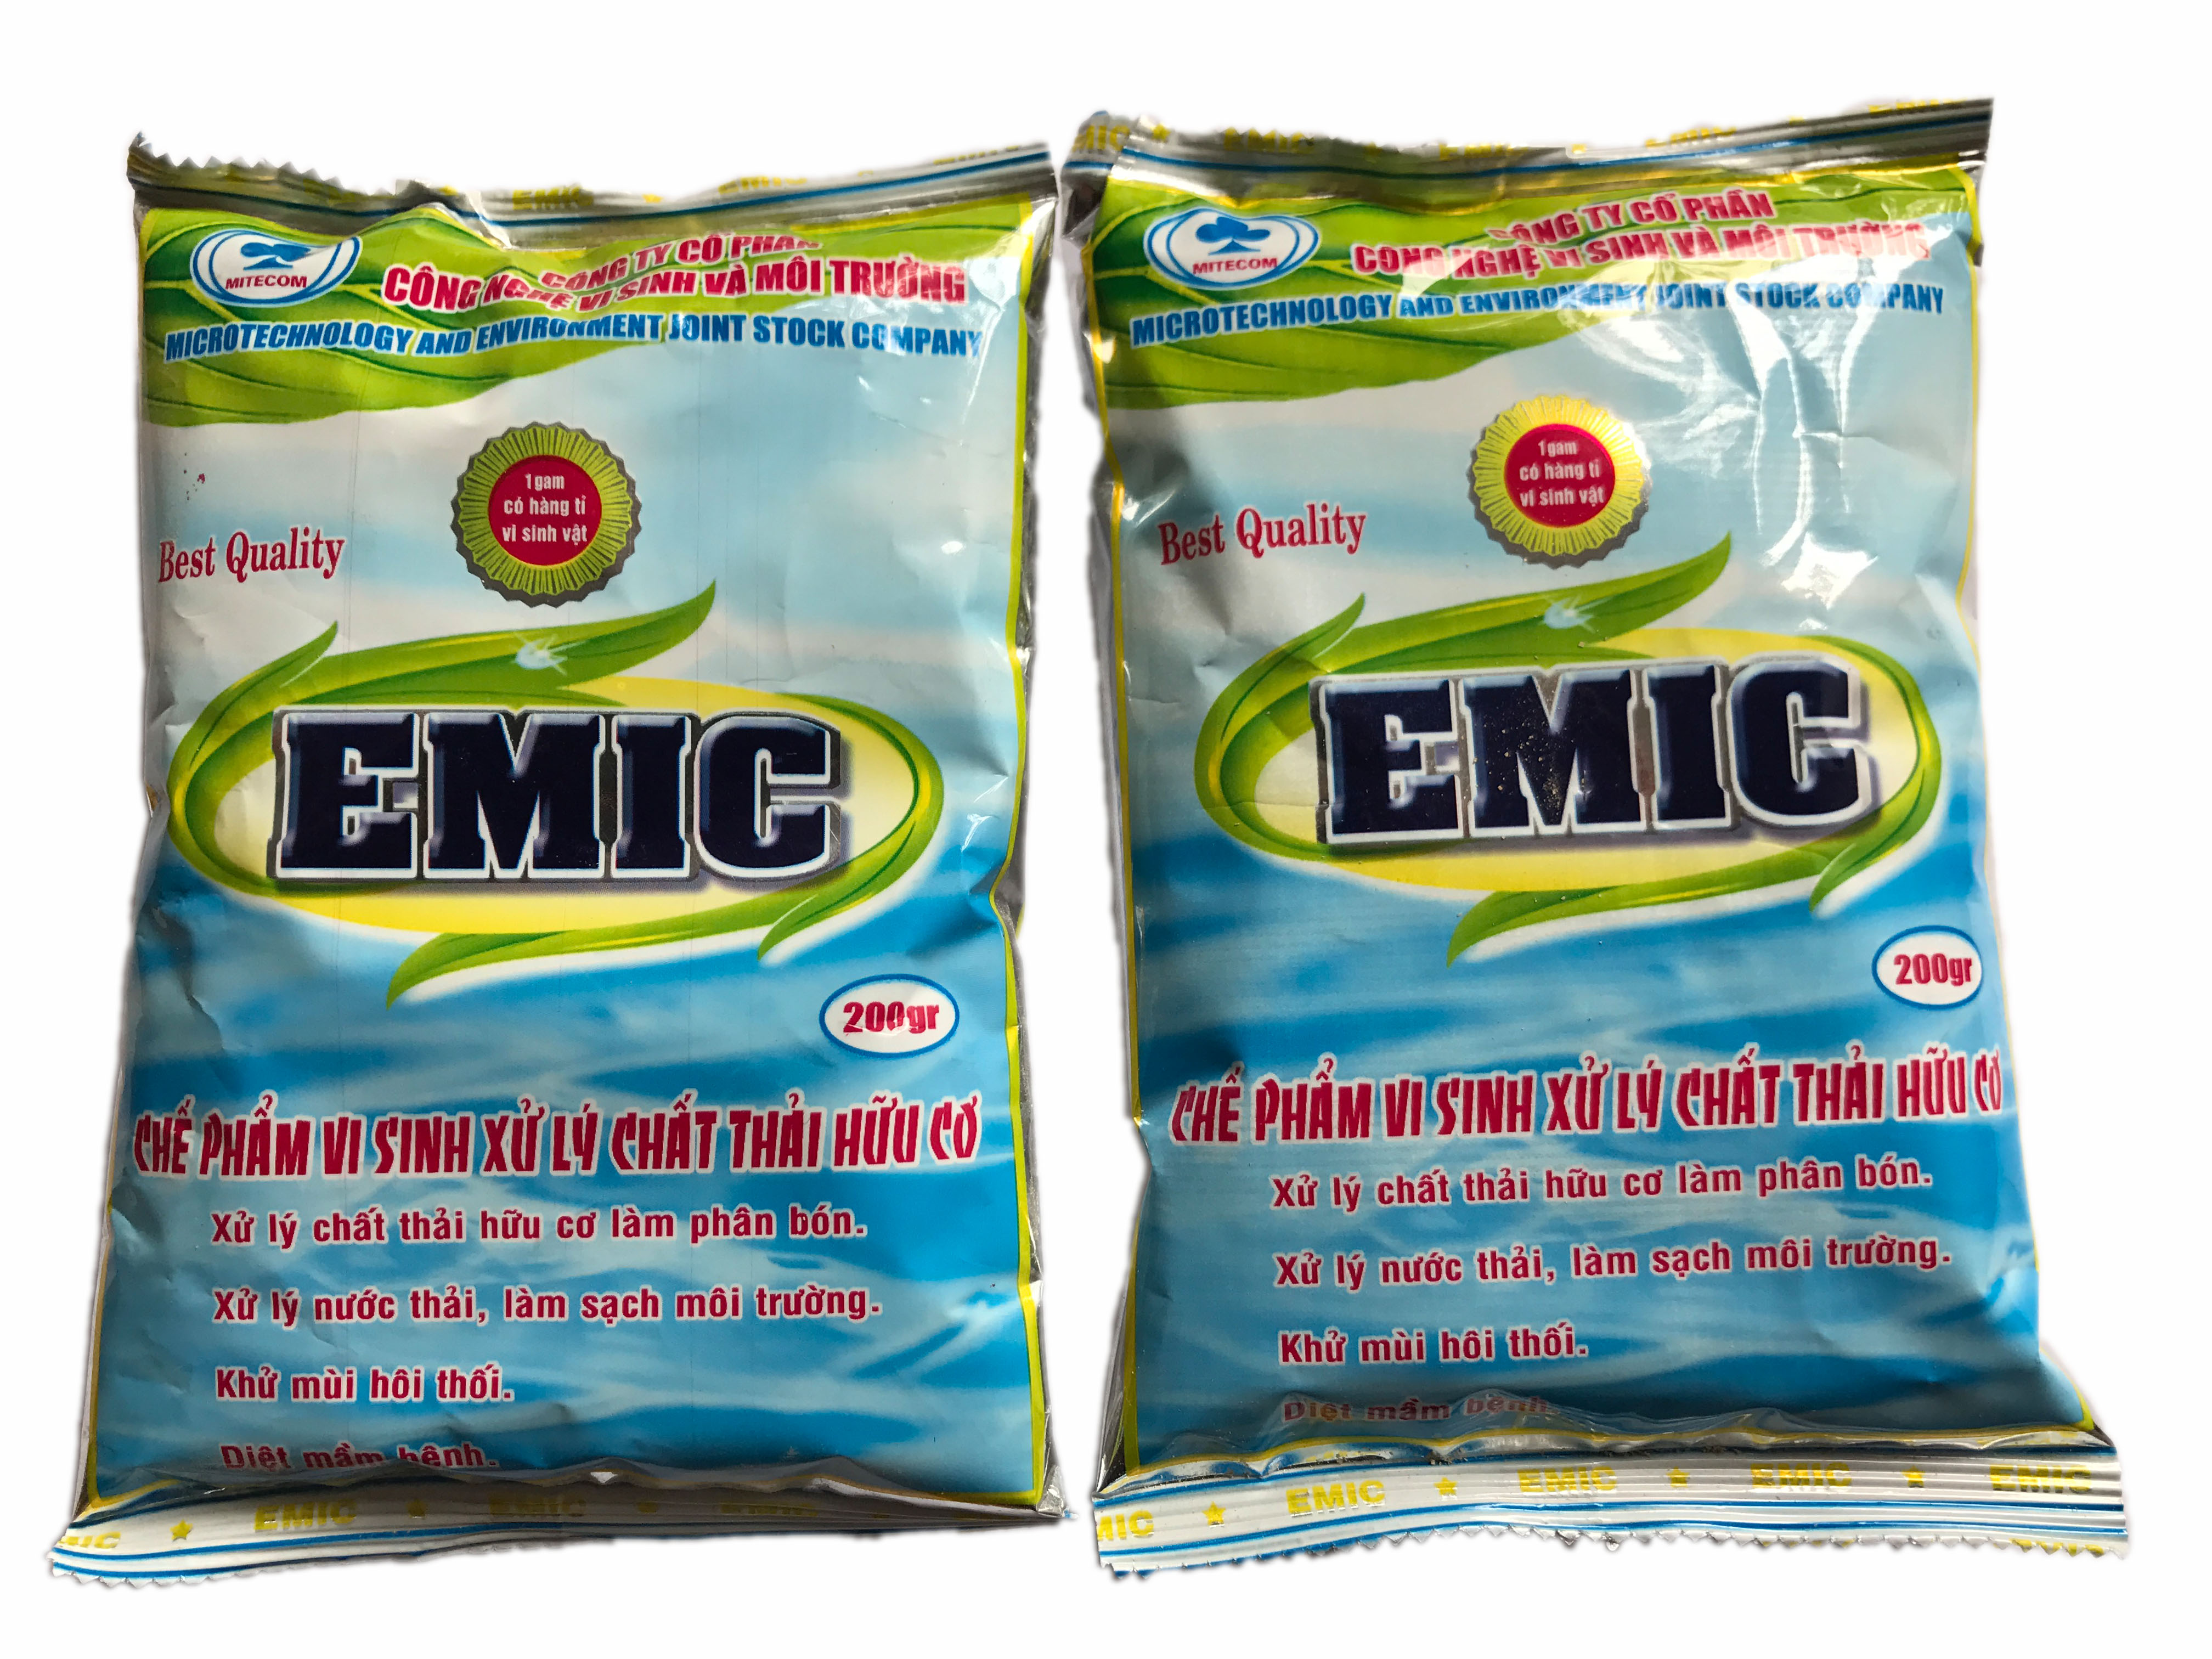 Chế phẩm vi sinh xử lý chất thải hữu cơ EMIC